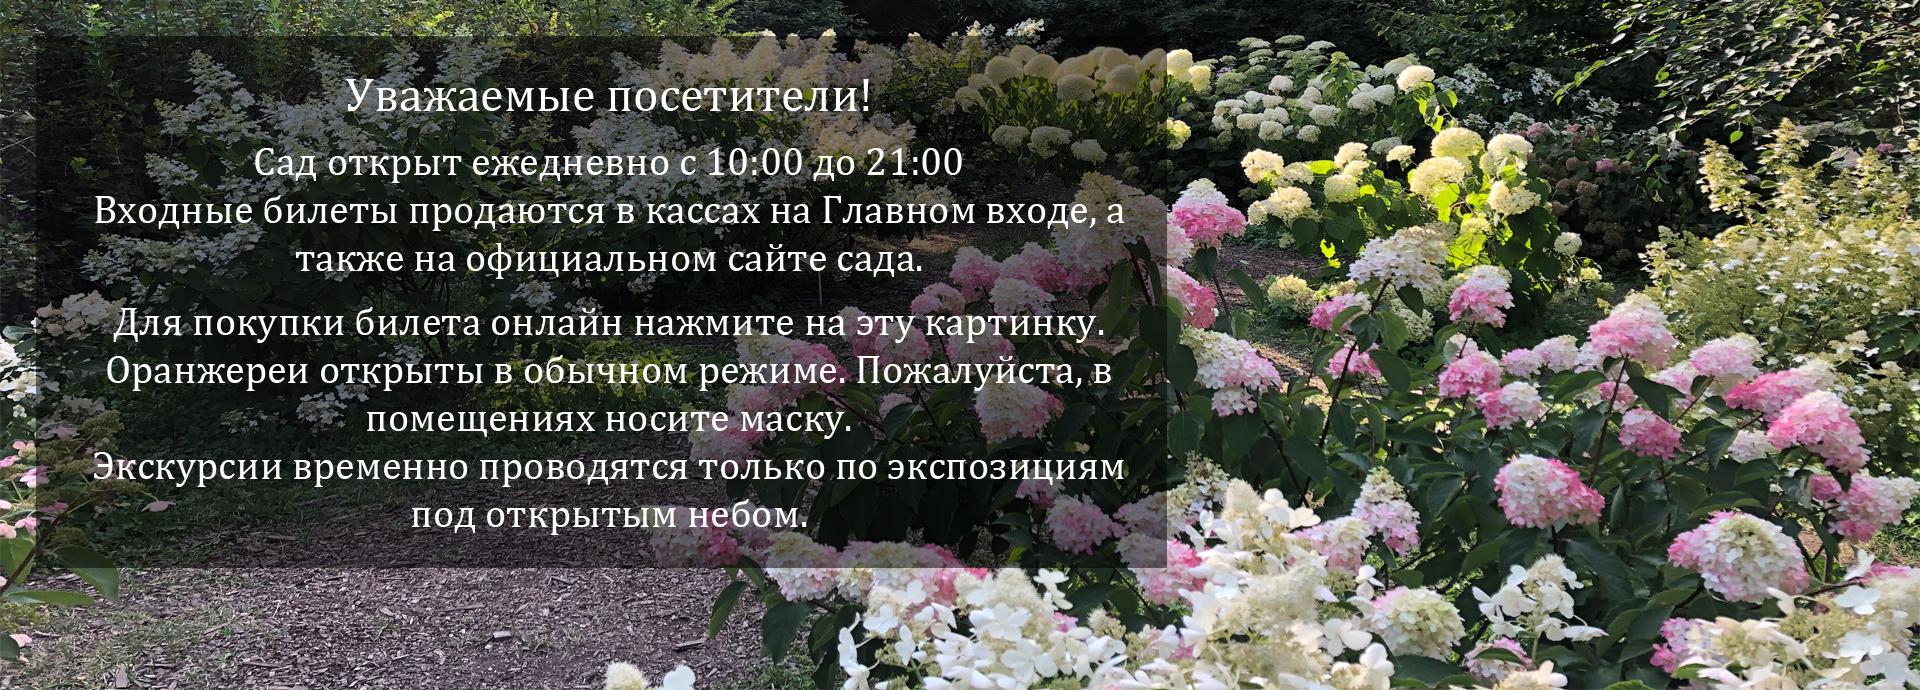 сад открыт